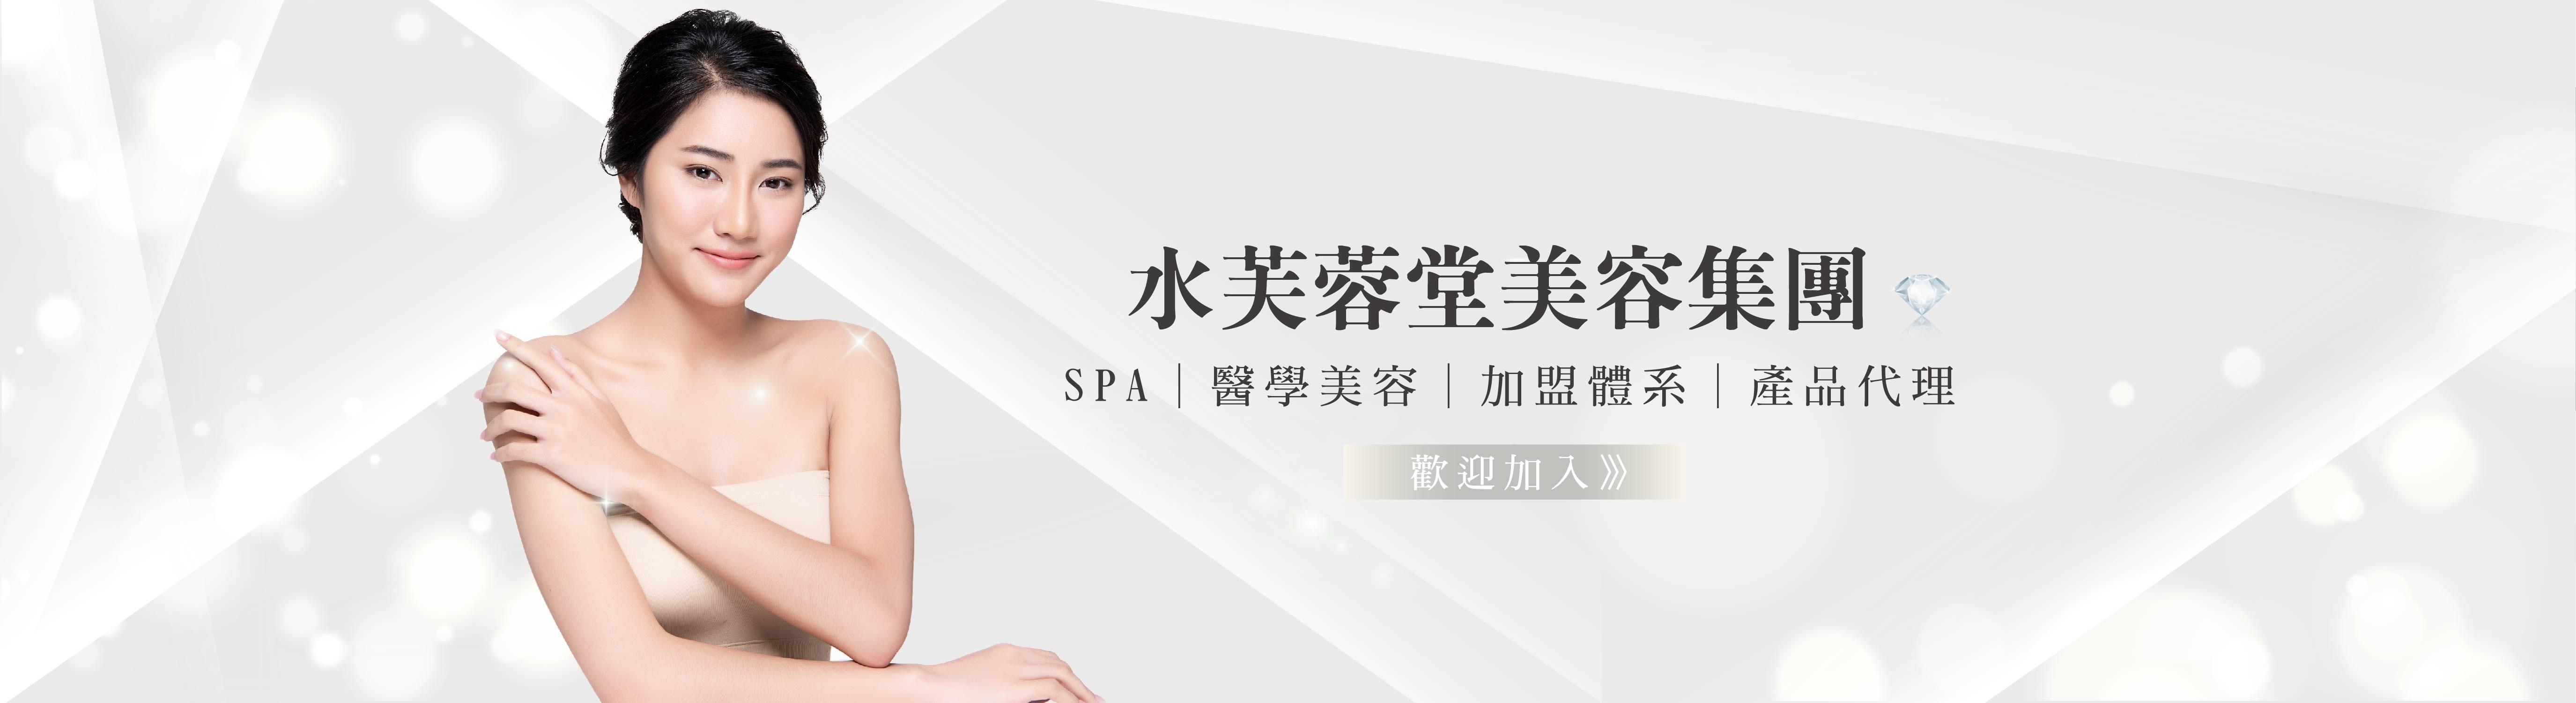 水芙蓉堂醫美SPA中心